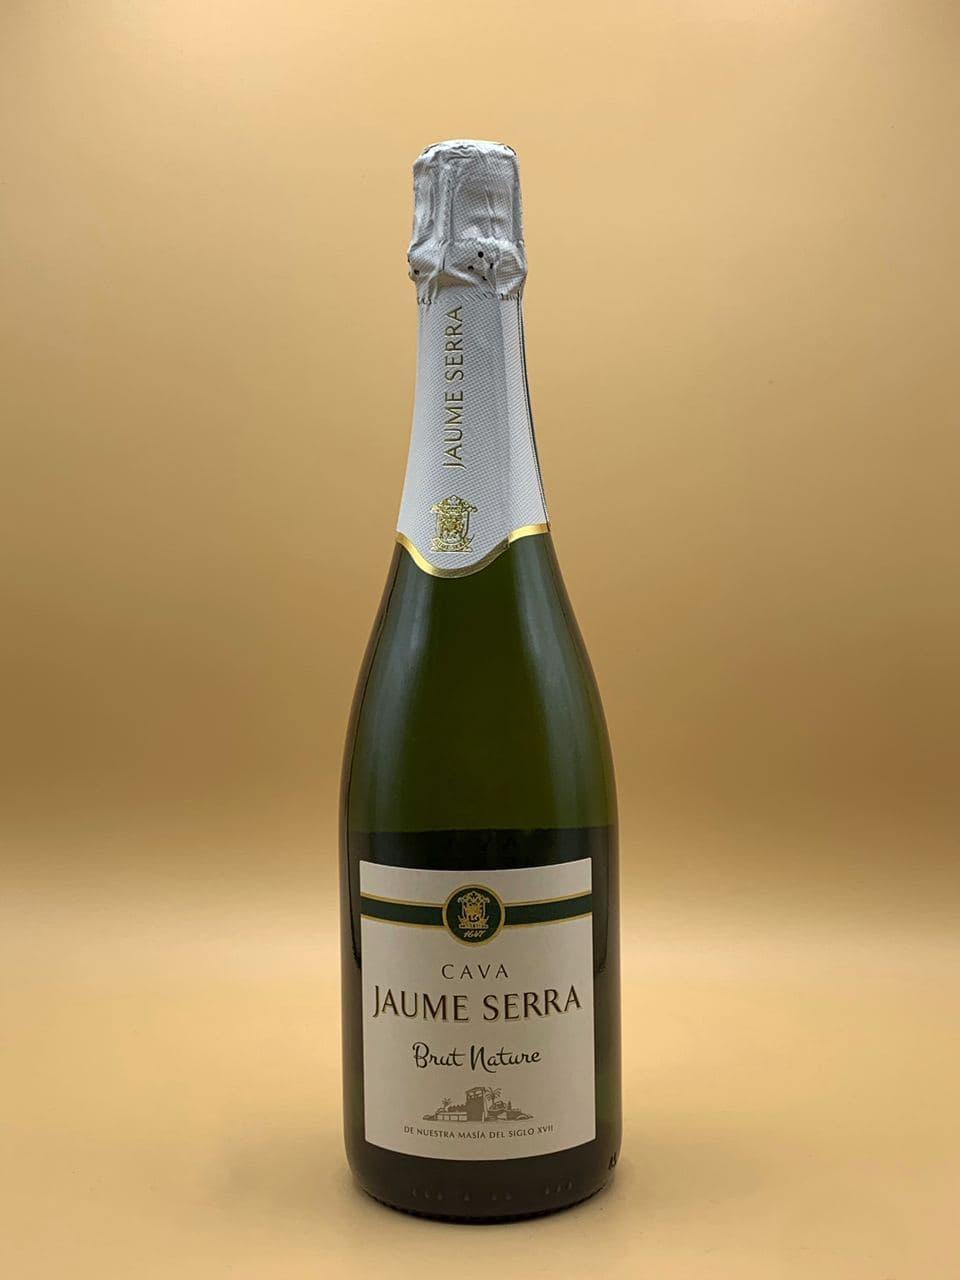 Игристое вино Jaume Serra Cava Brut 0.75L Жауме Серра Кава Брют 0.75л